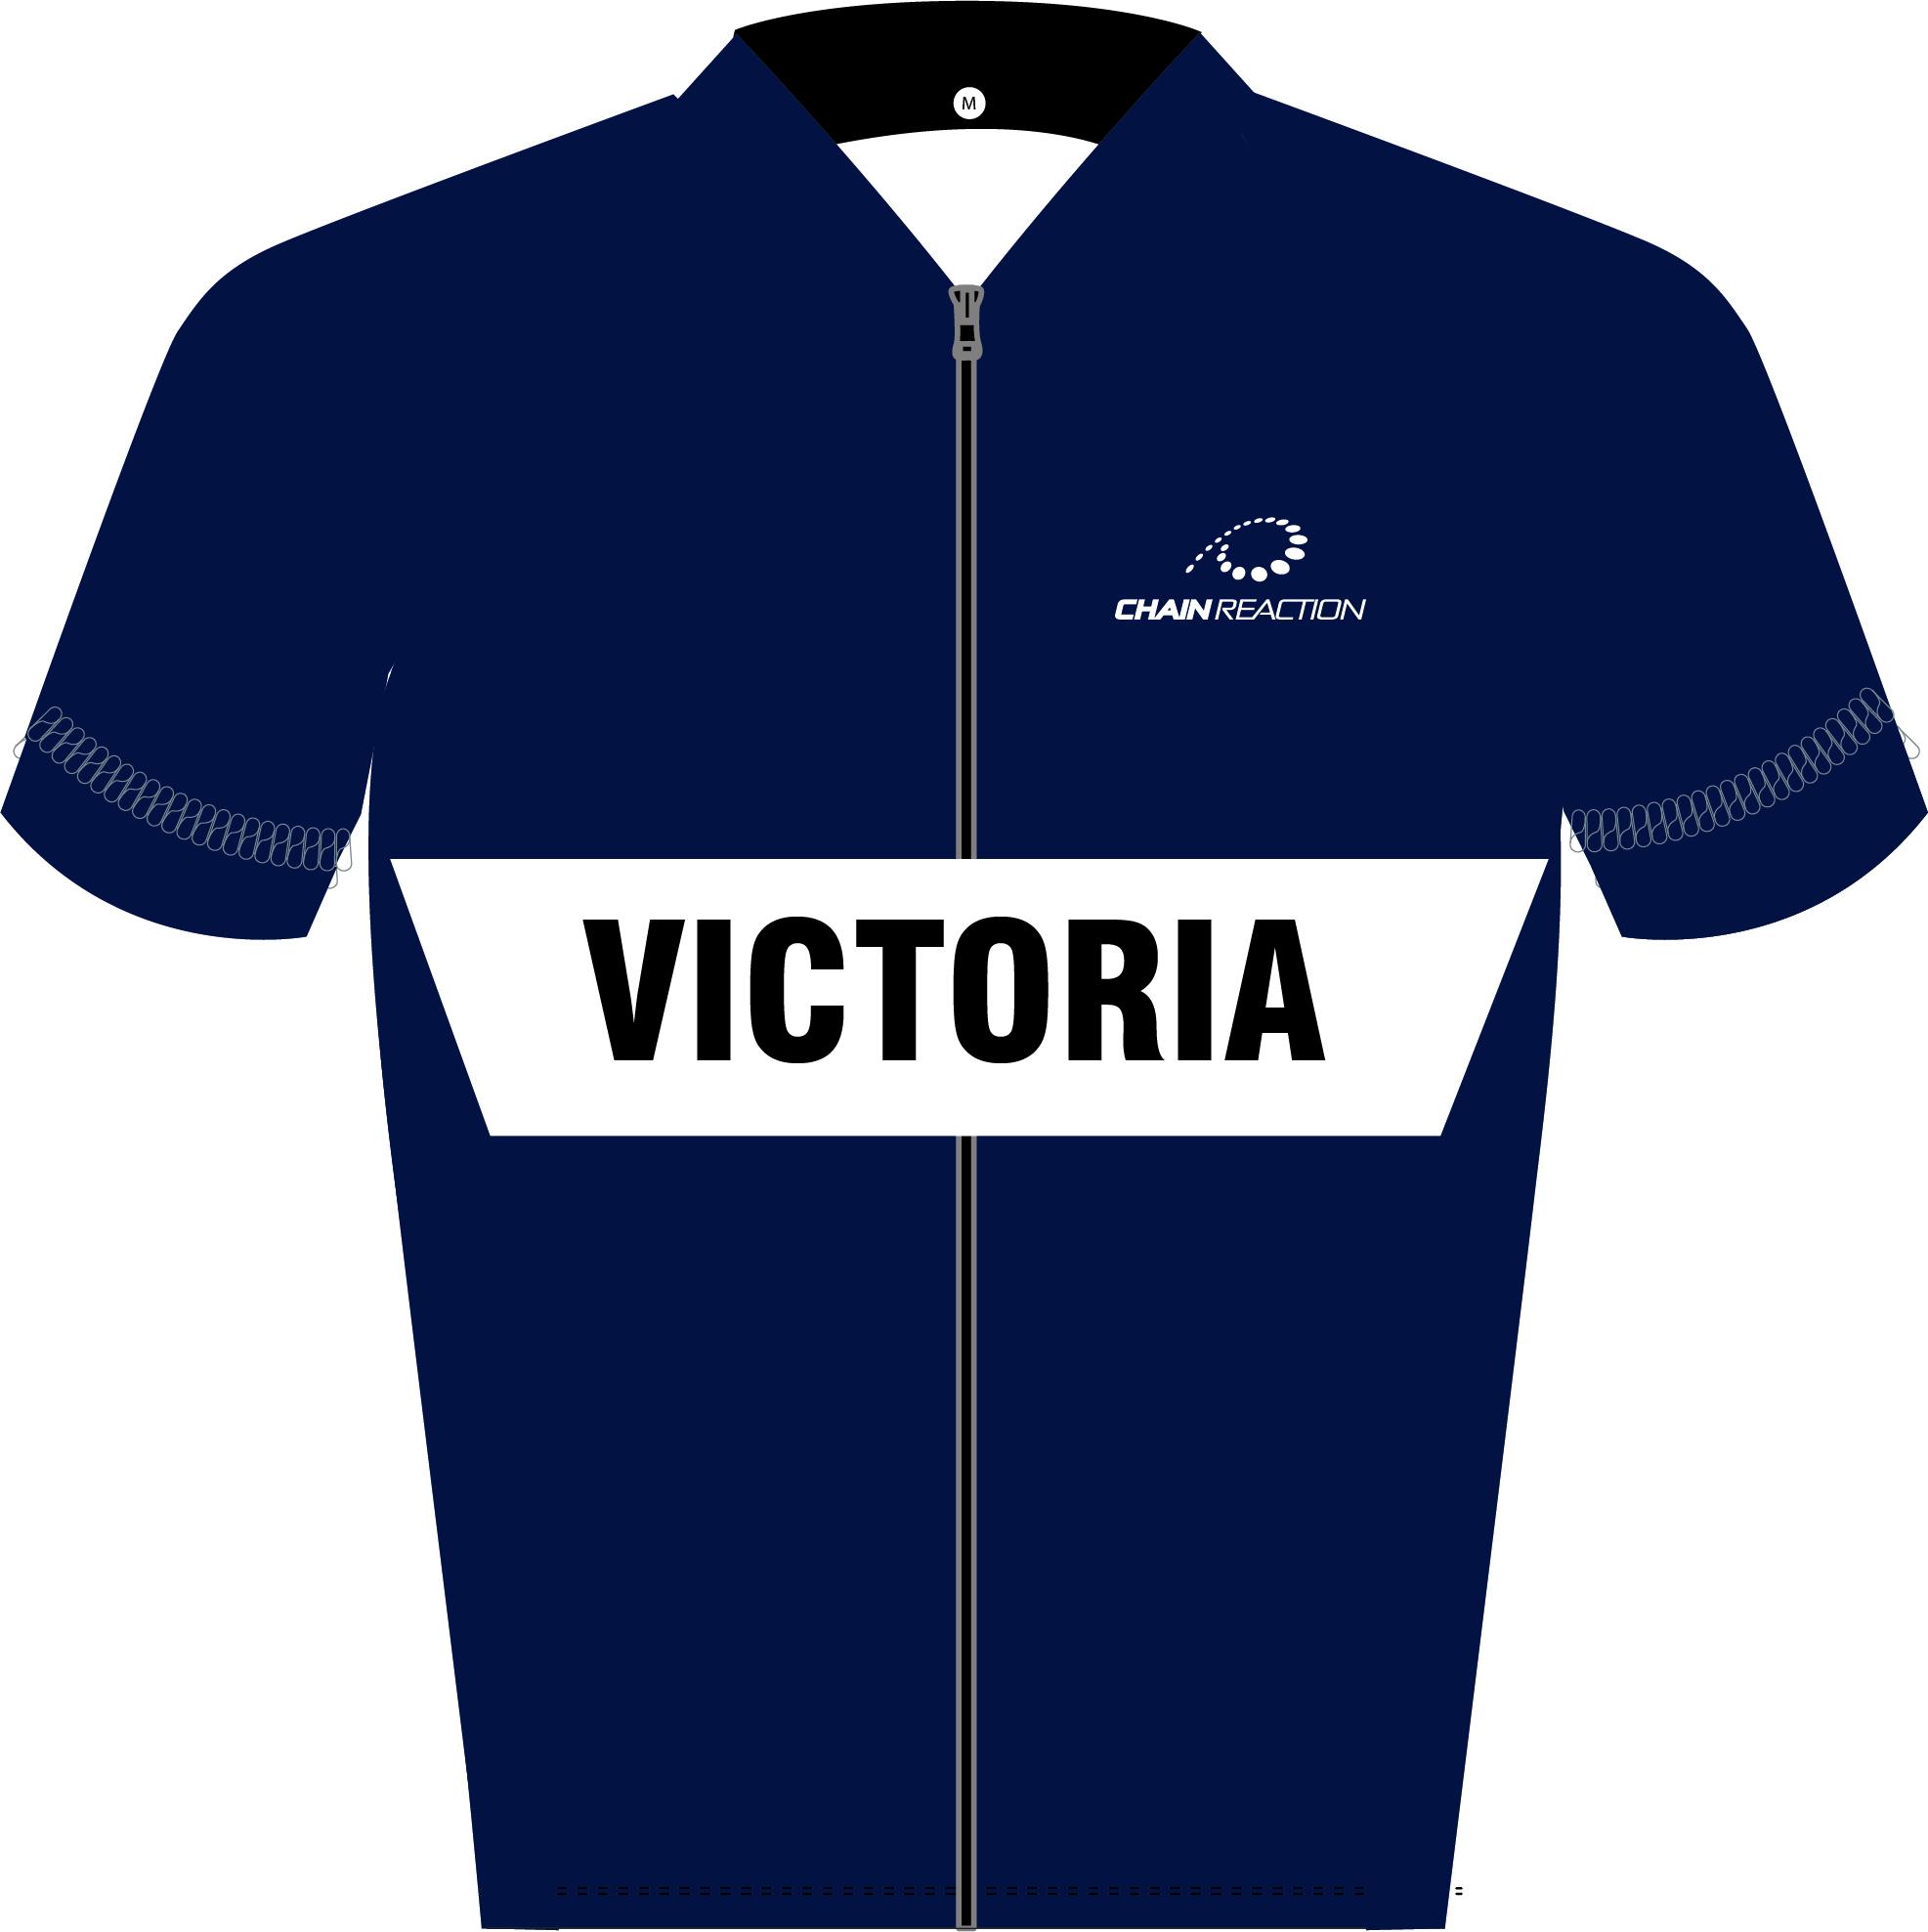 Victoria - Virtual